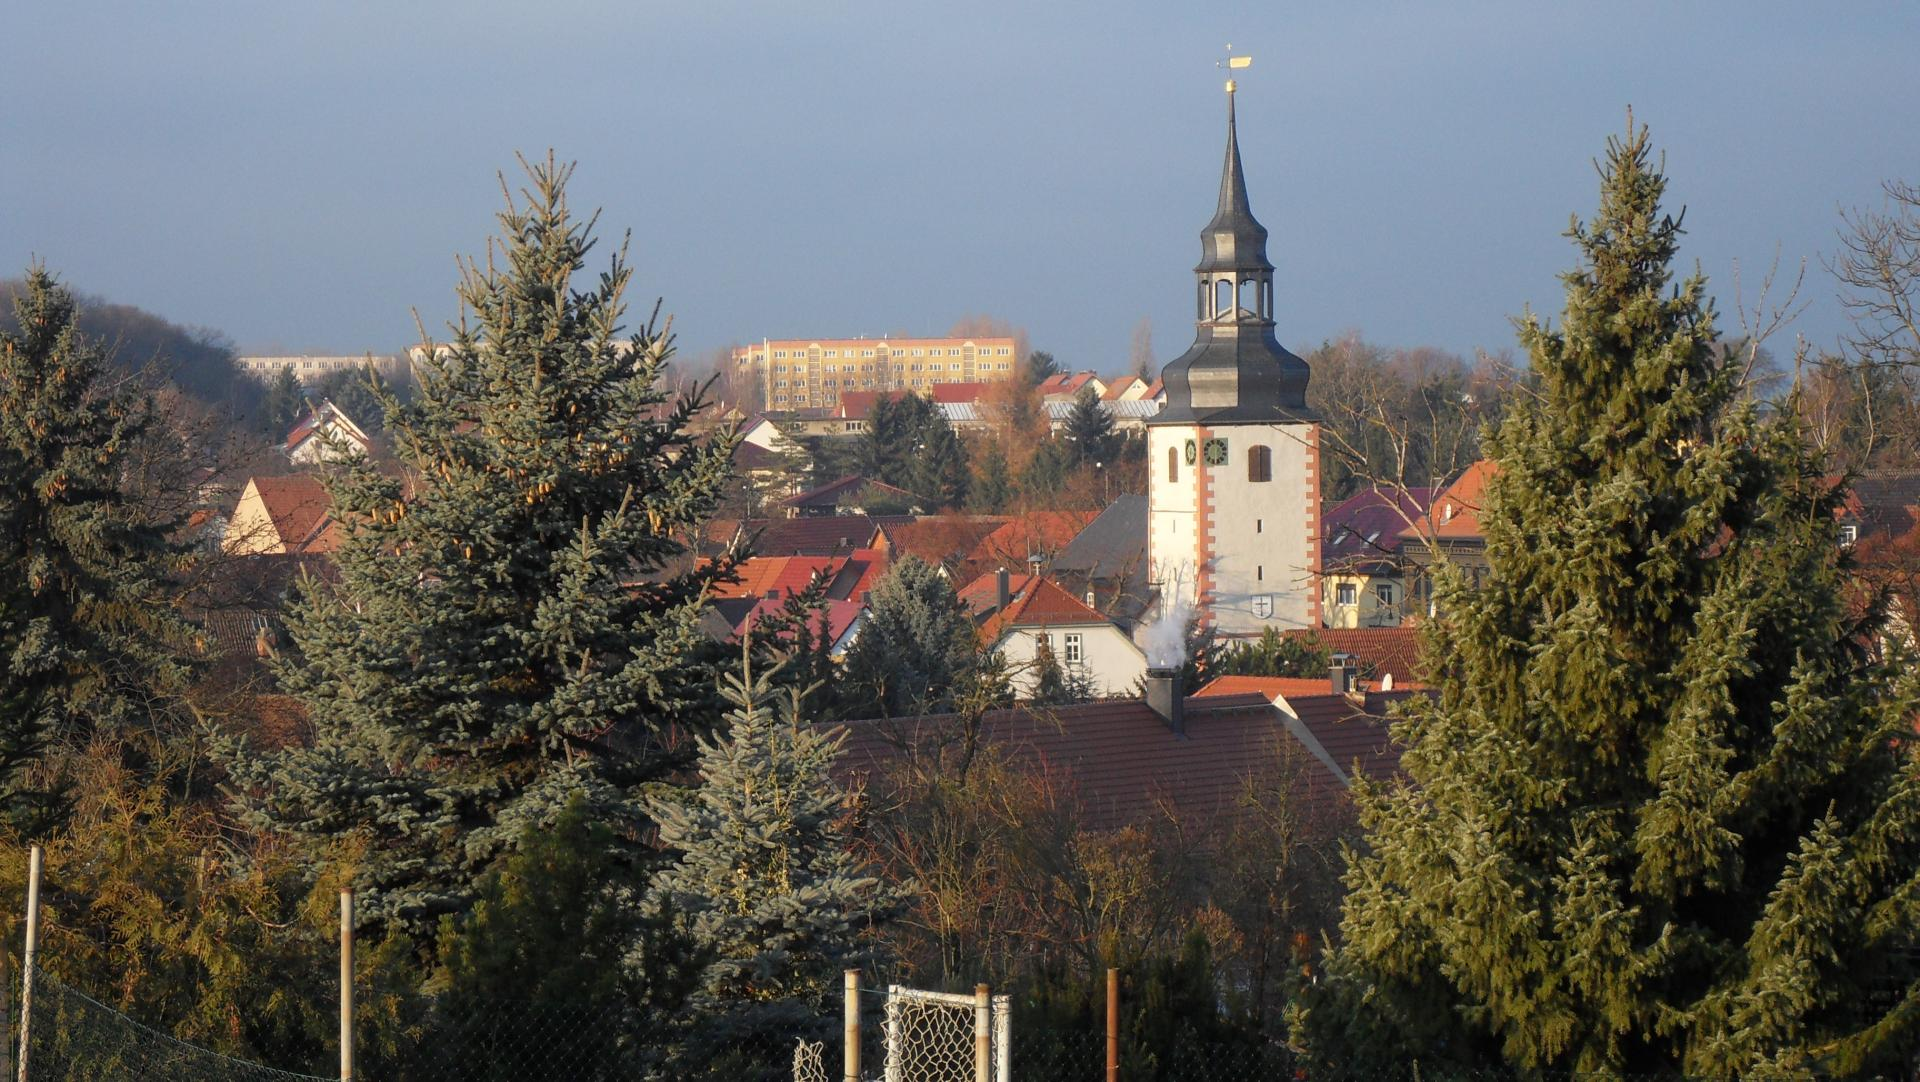 Sprötau_blick über Dorfmitte zur Siedlung Am Walde